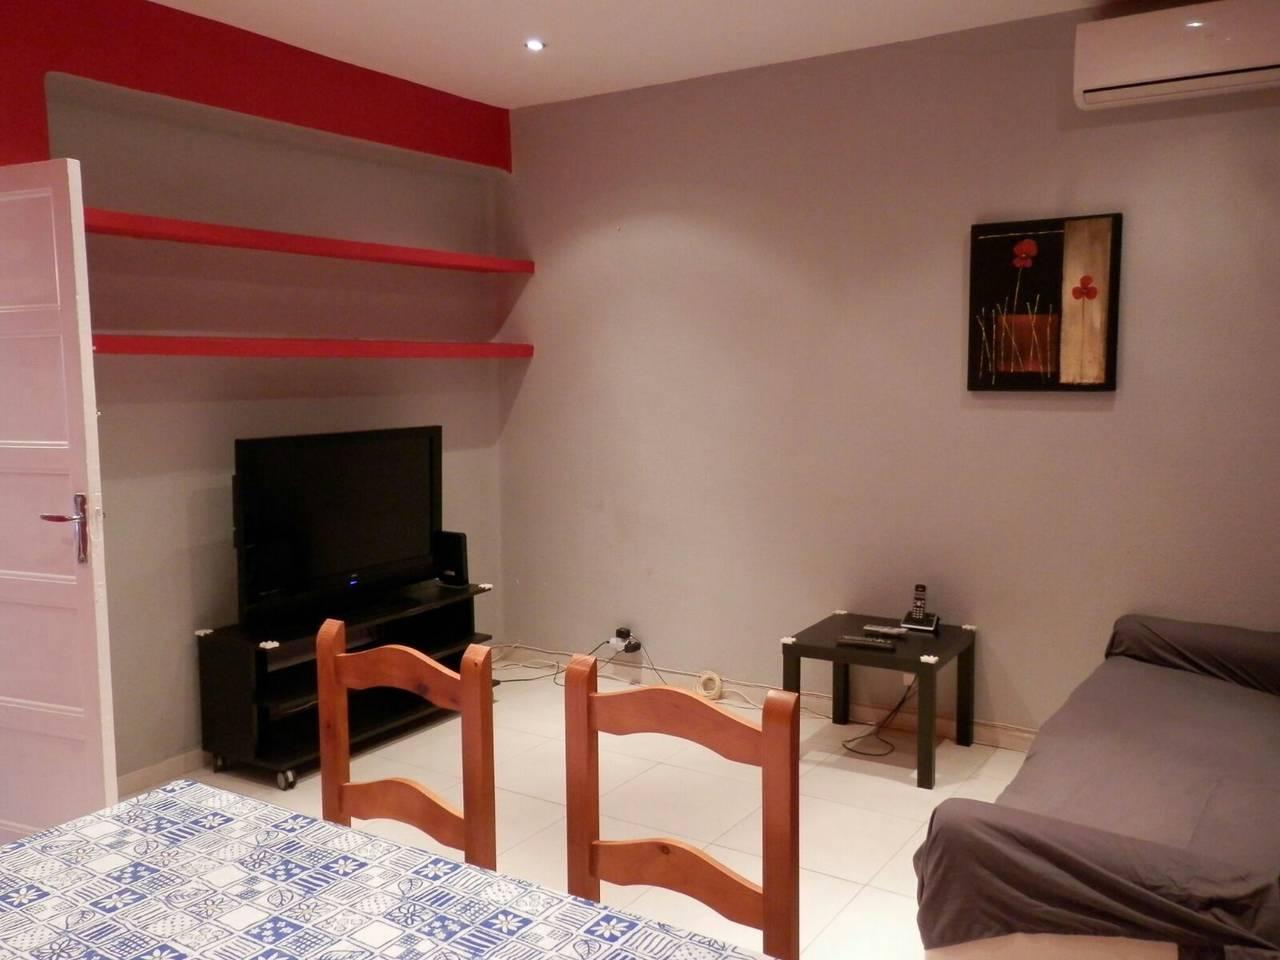 Alquiler piso Zona Reina Mercedes  - Foto 3